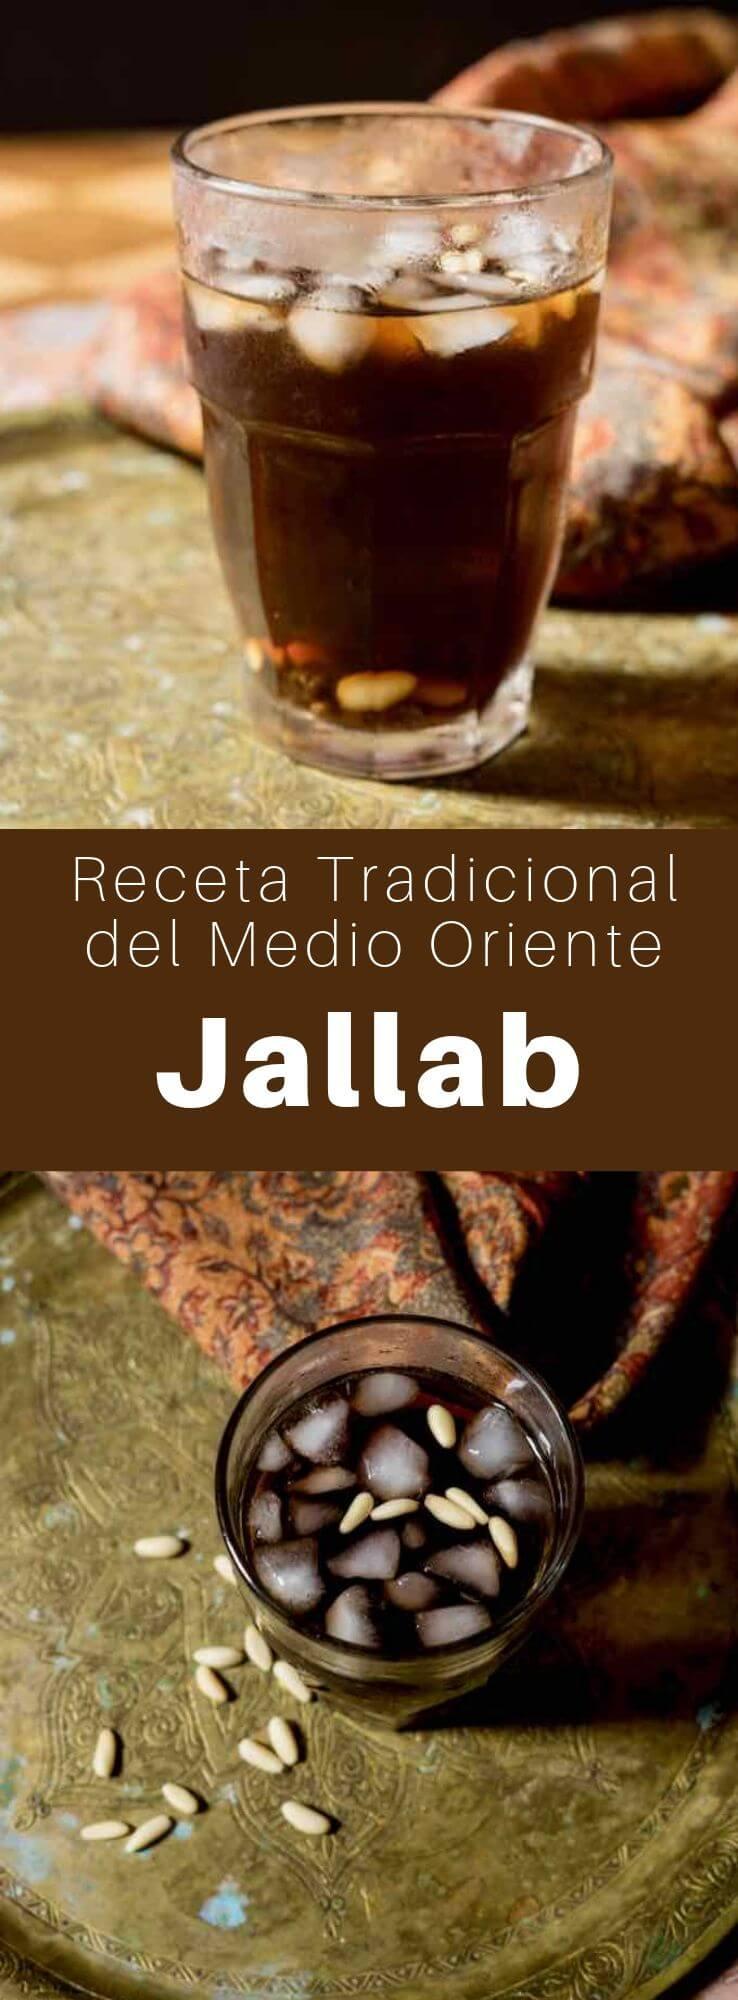 El jallab es un jarabe de frutas popular del Medio Oriente, hecho de melaza de algarrobo, dátiles y uvas. Es especialmente conocido en Jordania, Siria y Líbano.